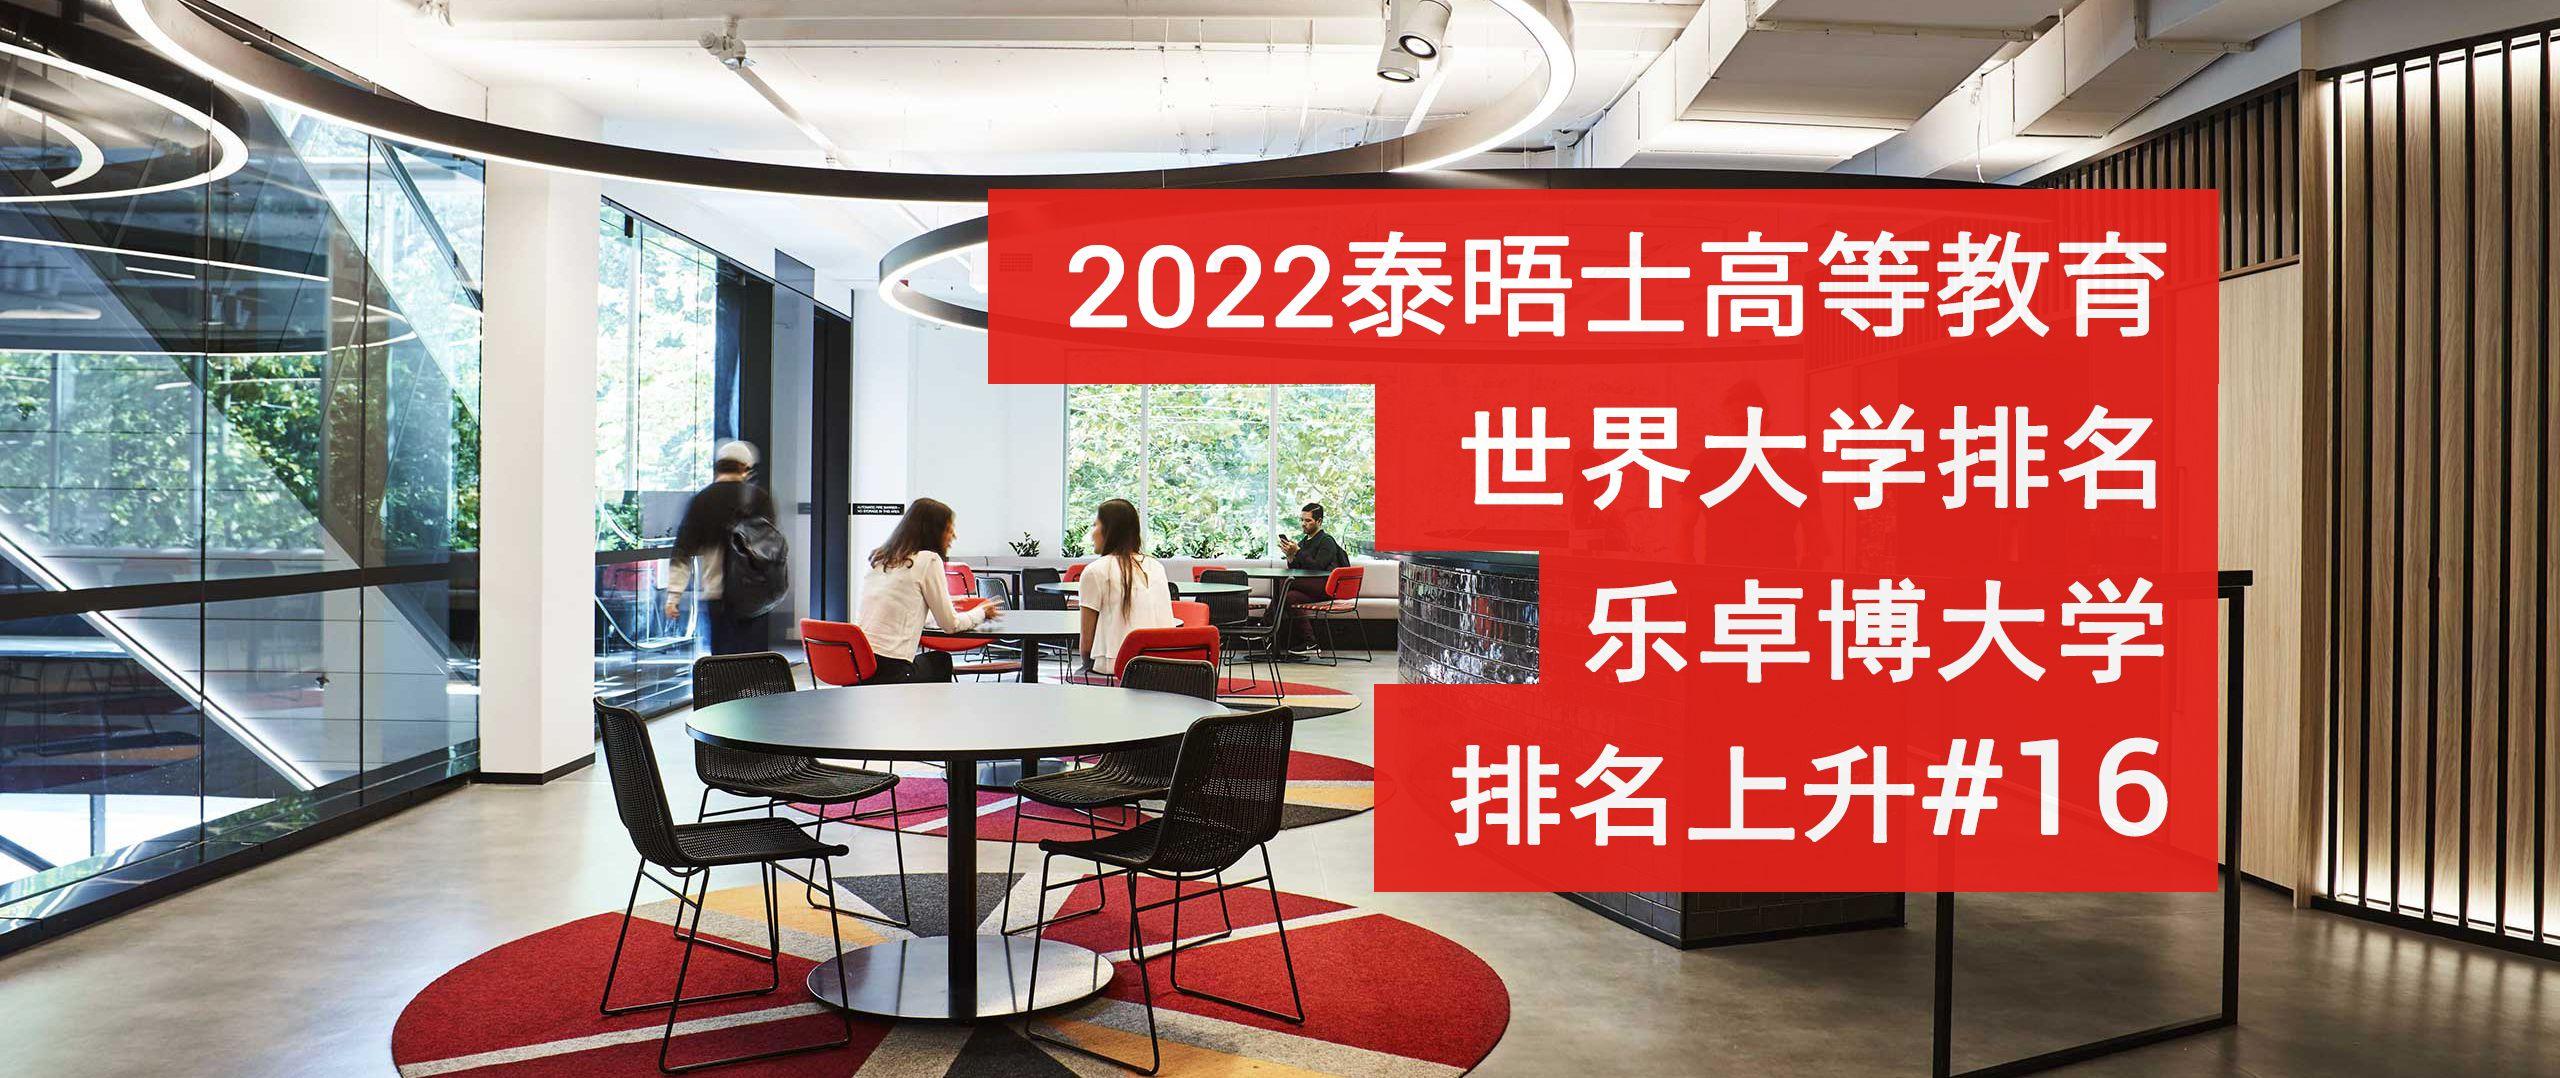 2022年泰晤士世界排名结果出炉!乐卓博跻身维州前三!